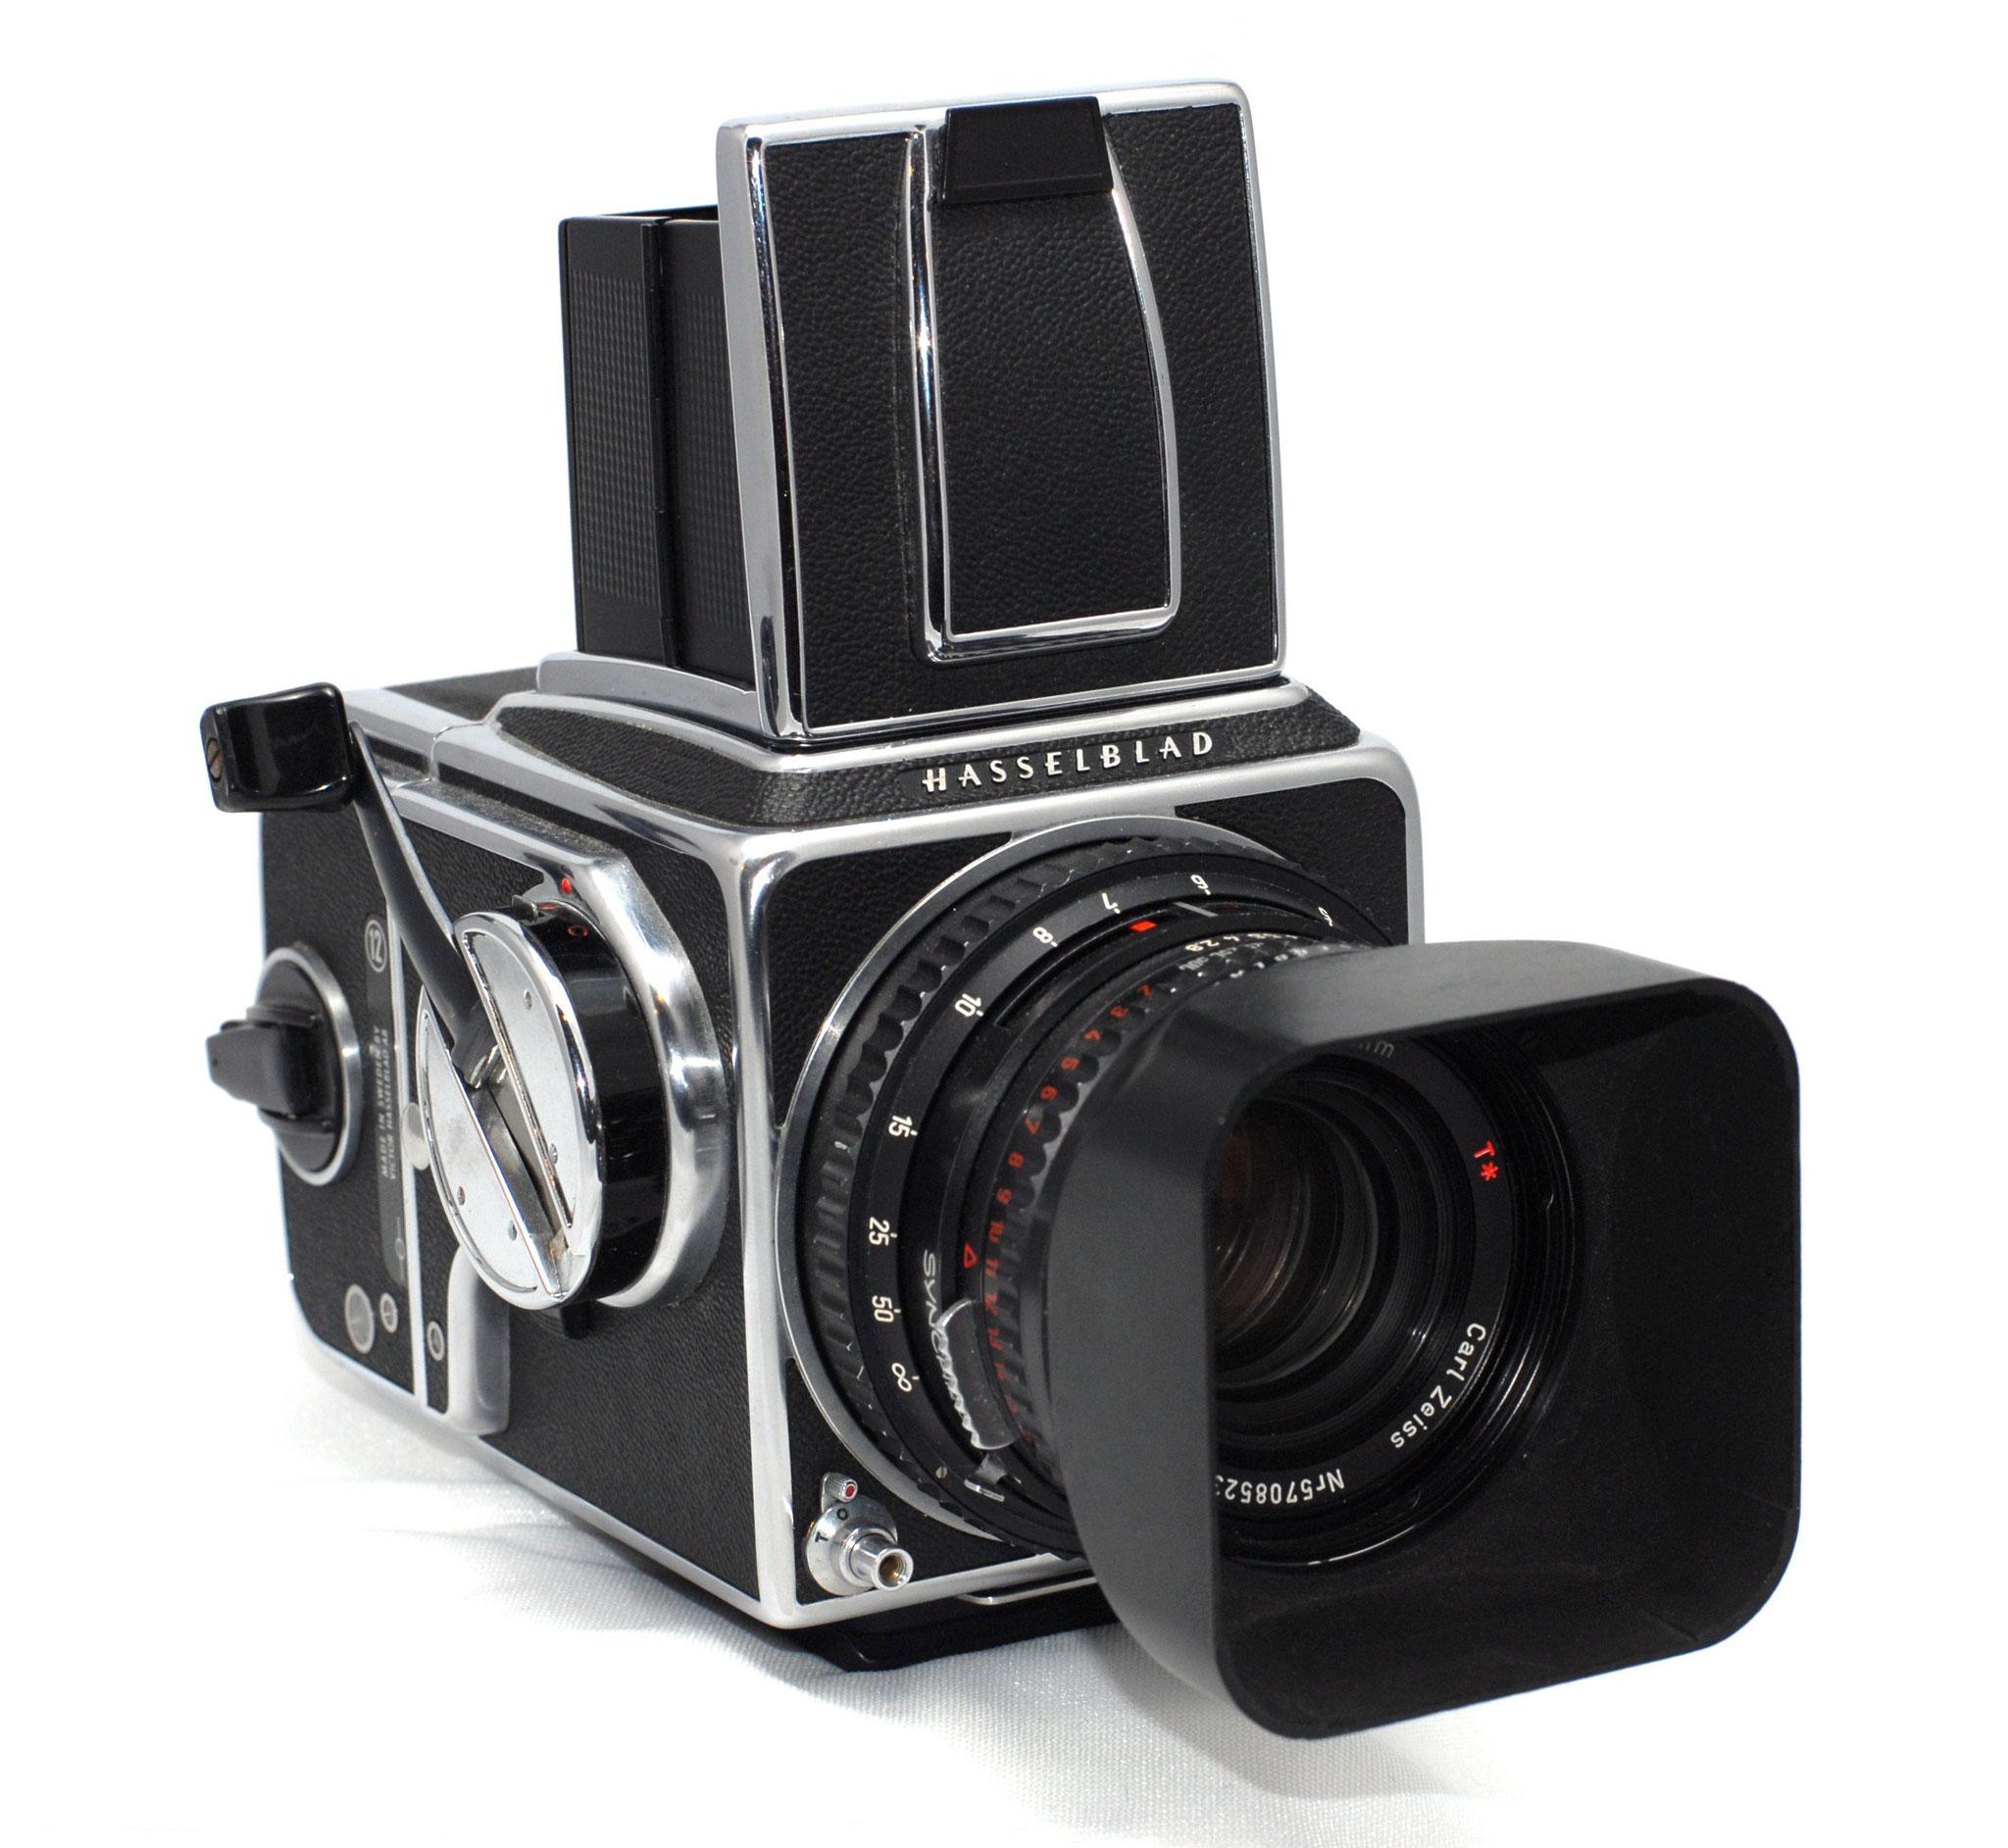 Nie wieder hatte ich so eine beeindruckende Kamera in der Hand wie meine Hasselblad 500 C/M. Leider waren die Zeiss-Objektive unbezahlbar teuer.